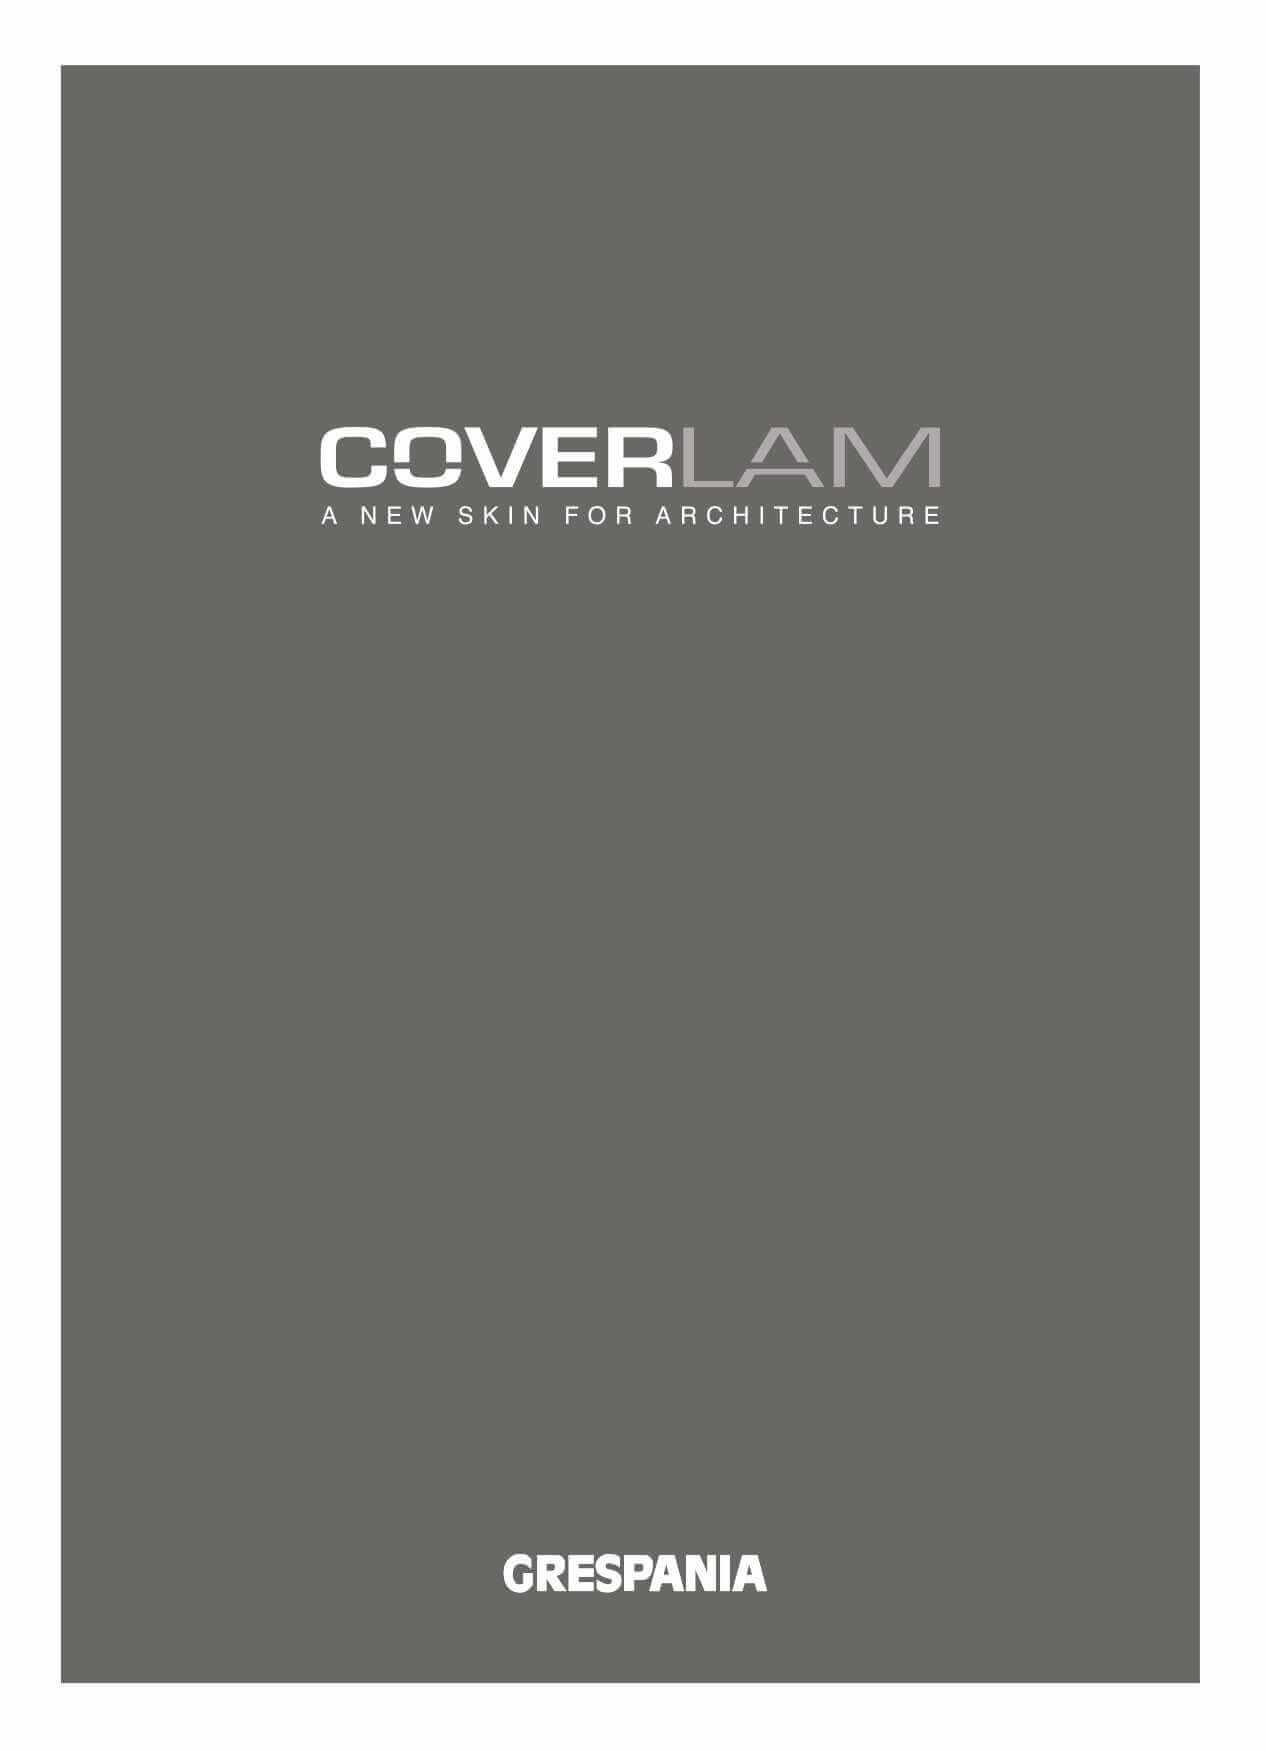 CUADRIPTICO-COVERLAM-2018